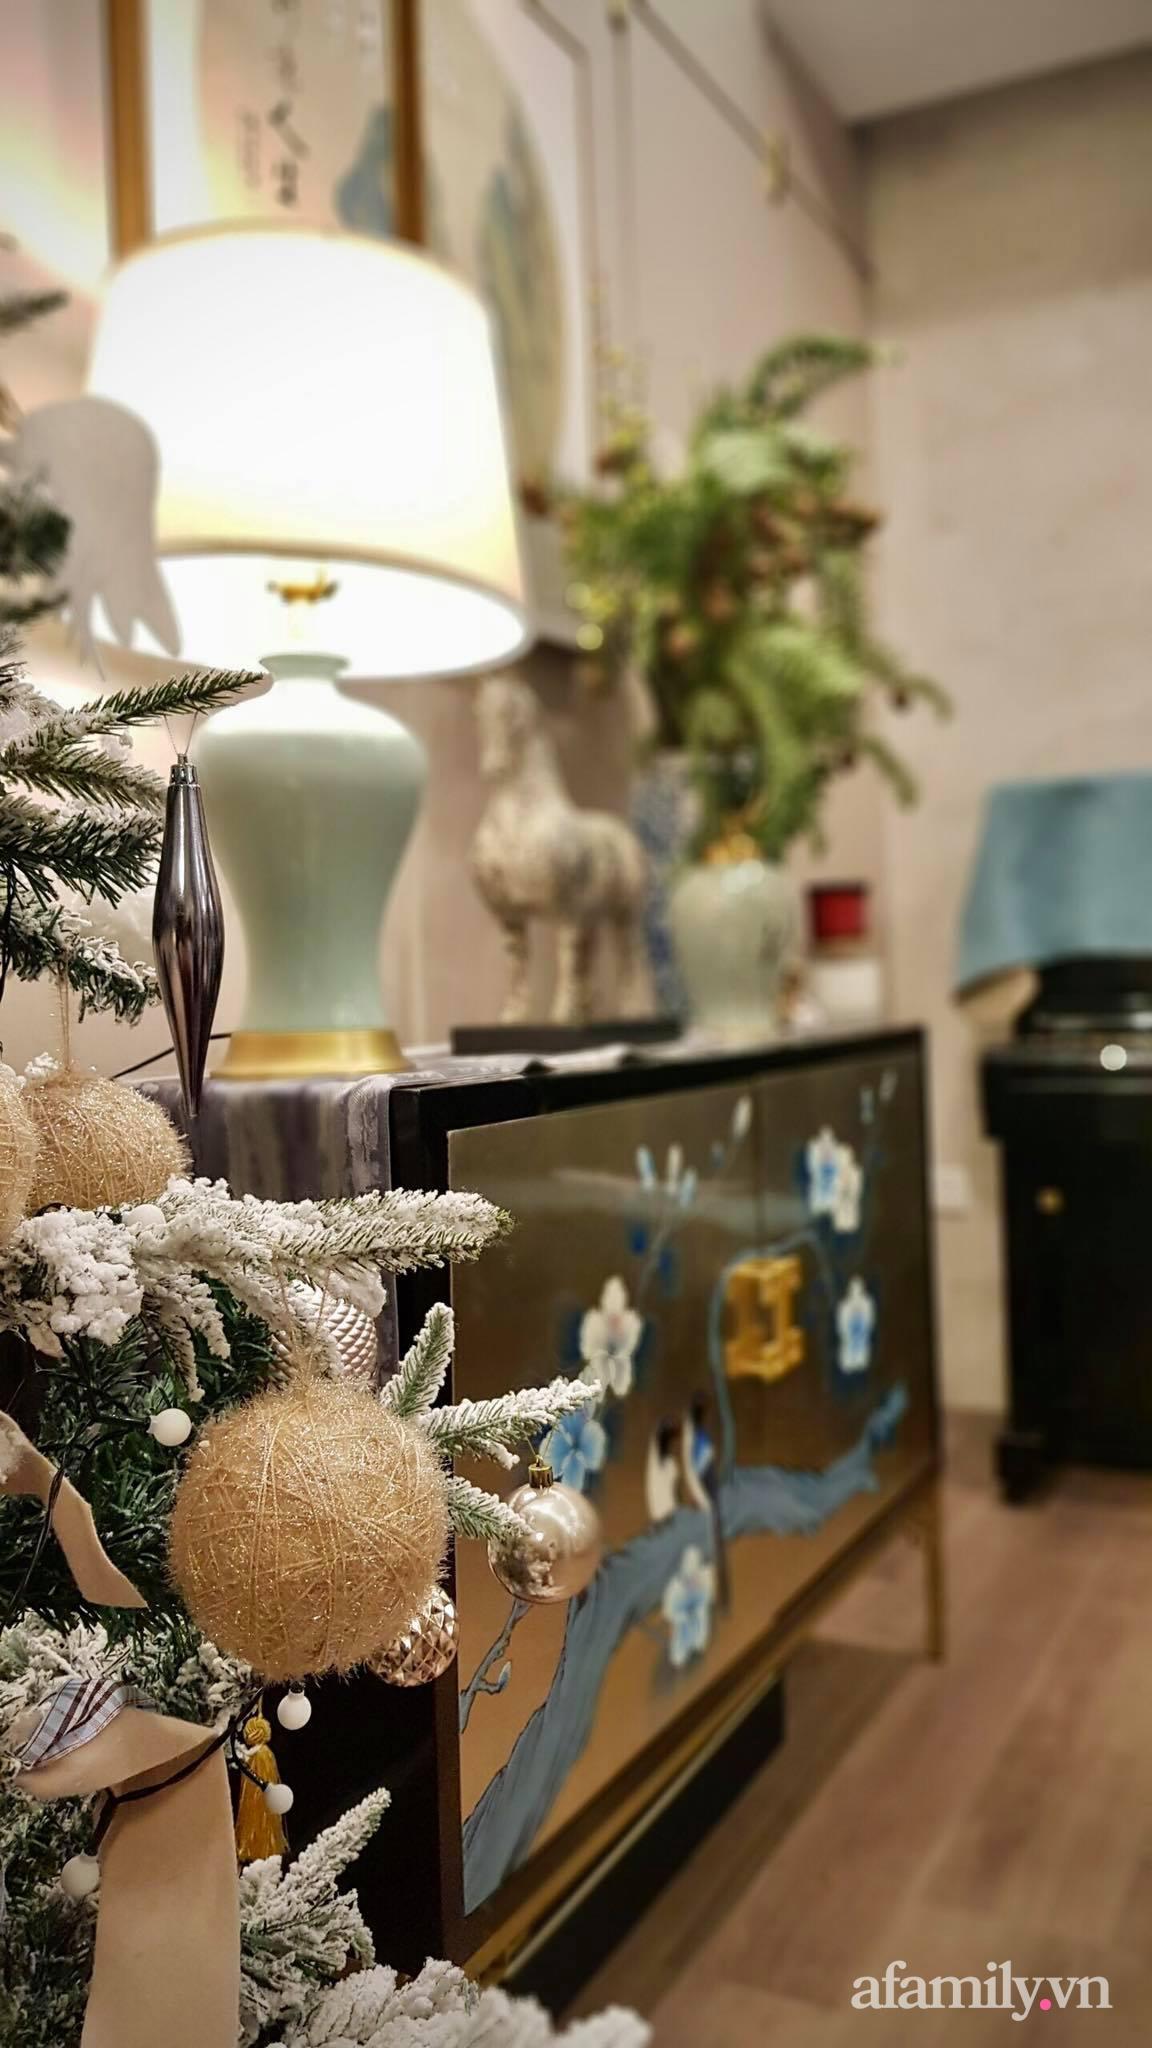 """Căn hộ """"thắp sáng"""" những sắc màu giúp từng góc nhỏ thêm ấm cúng đón Giáng sinh ở Hà Nội - Ảnh 10."""